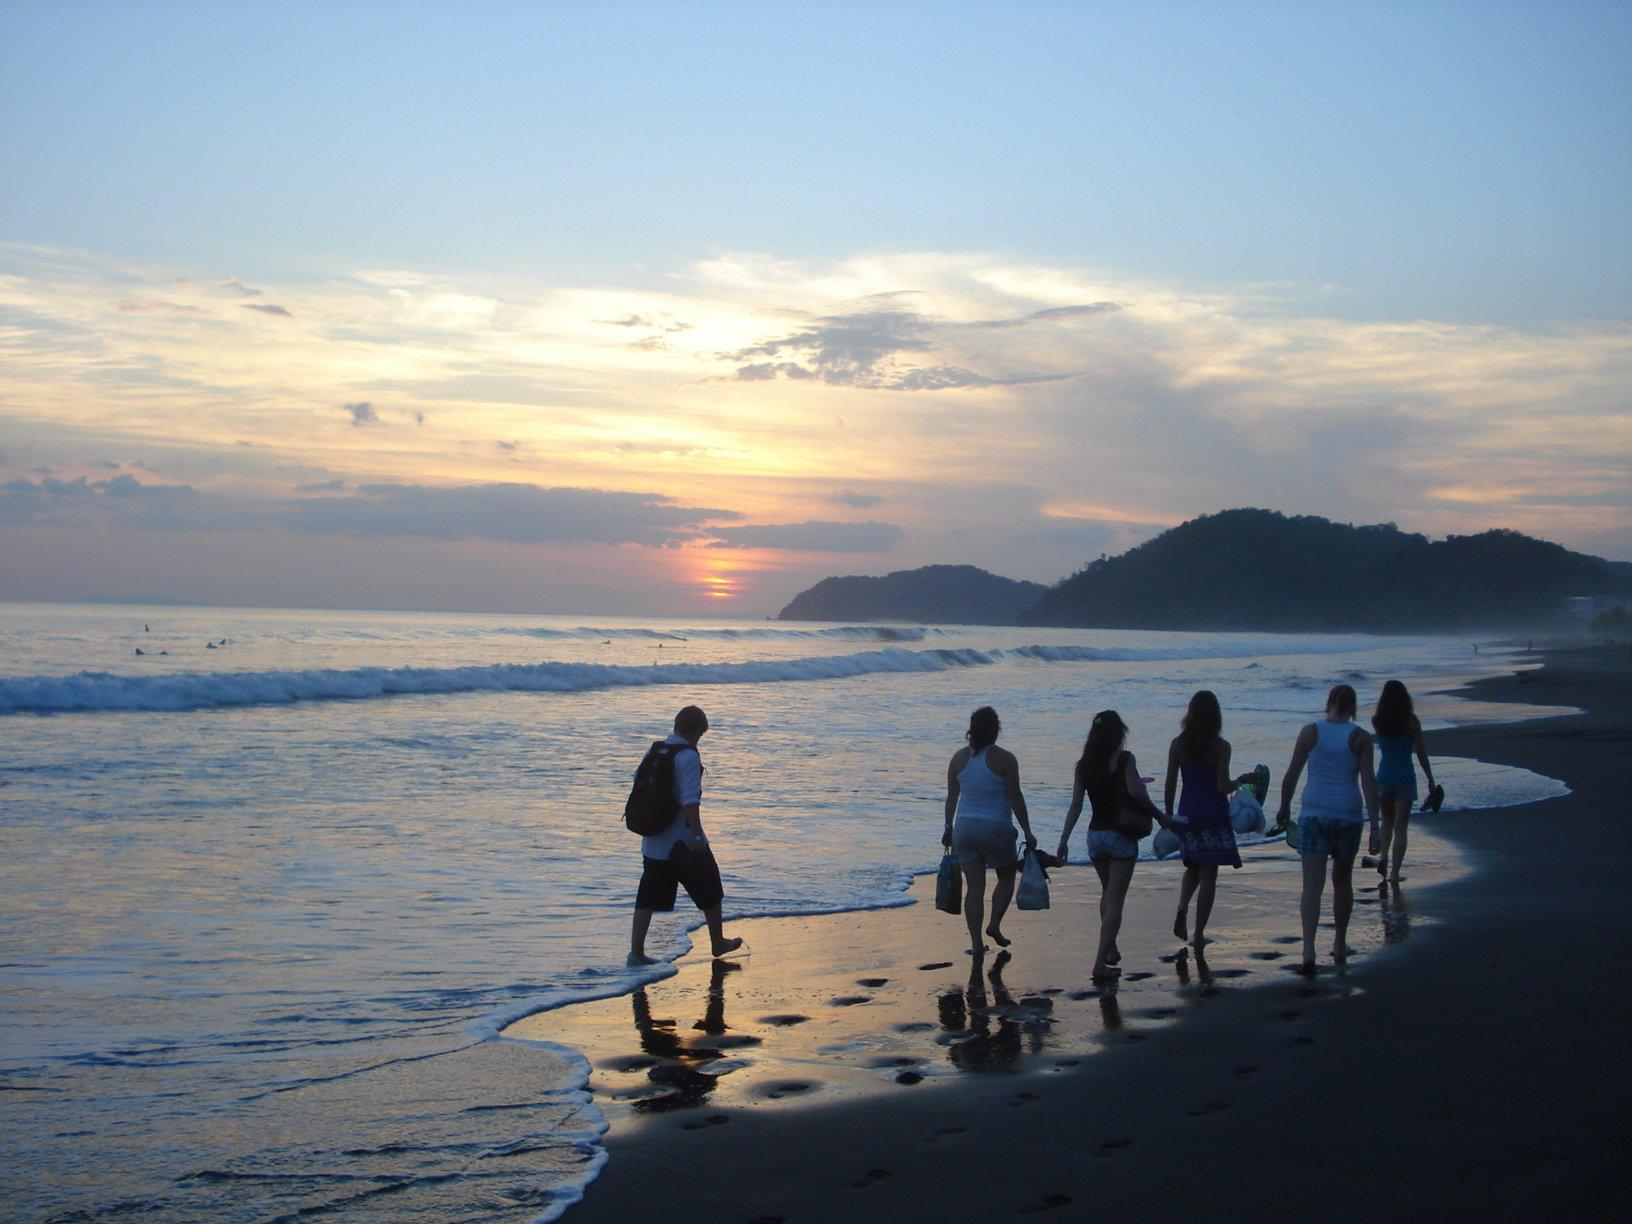 Jeunes marchant sur la plage au coucher du soleil